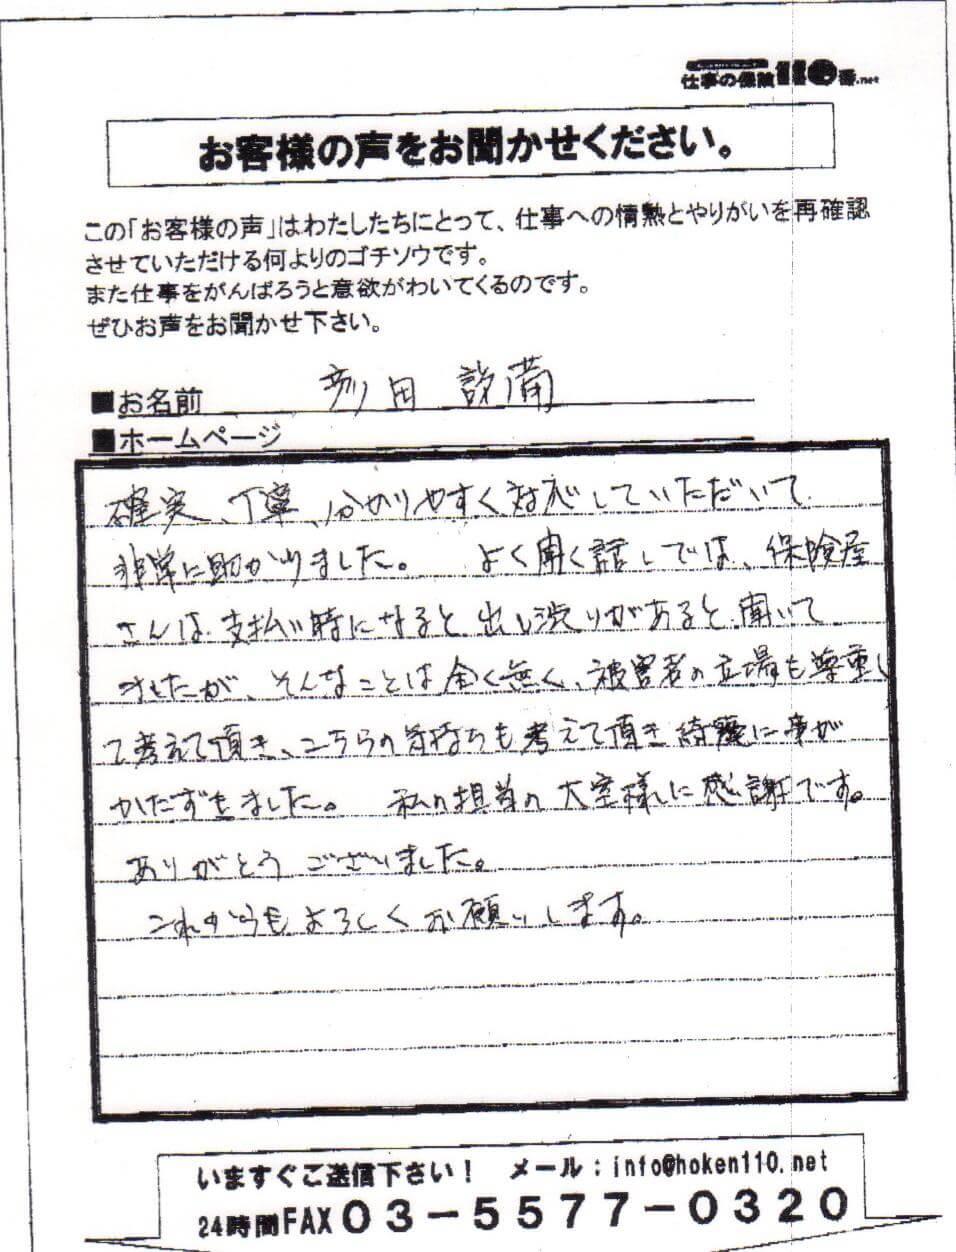 2009-01-19 hikotasetubi.jpg